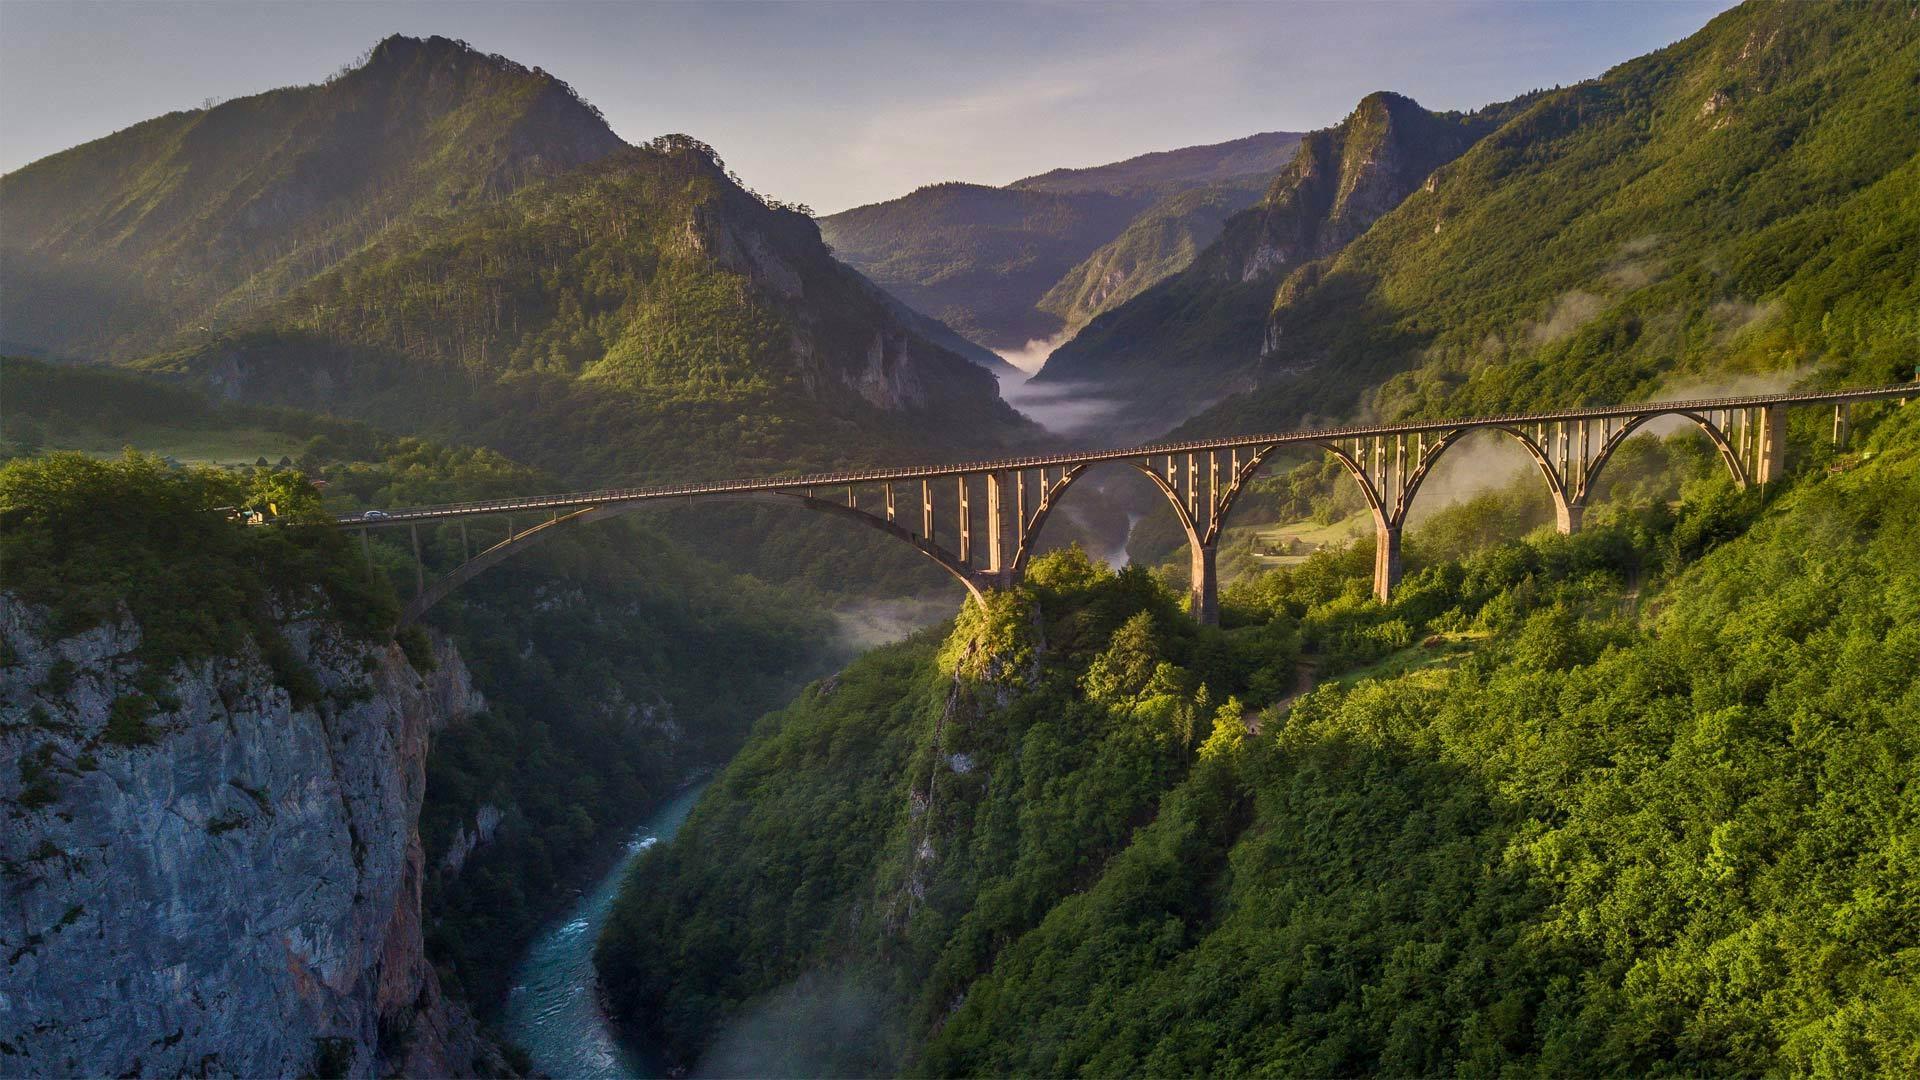 杜德维卡塔拉大桥杜德维卡塔拉大桥